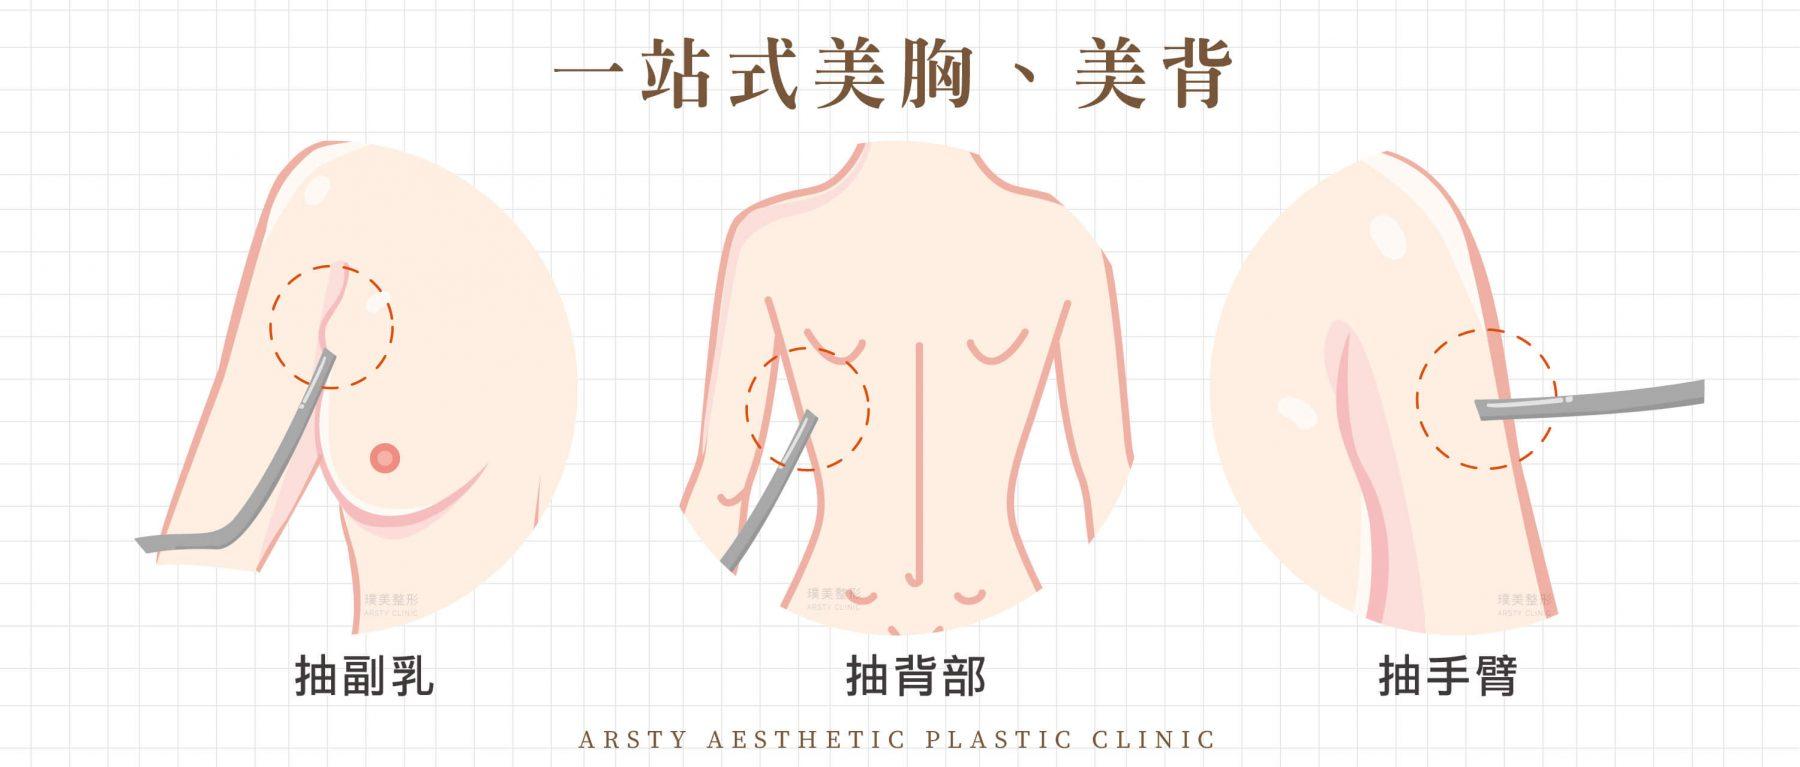 副乳手術合併隆乳手術,背部抽脂手術